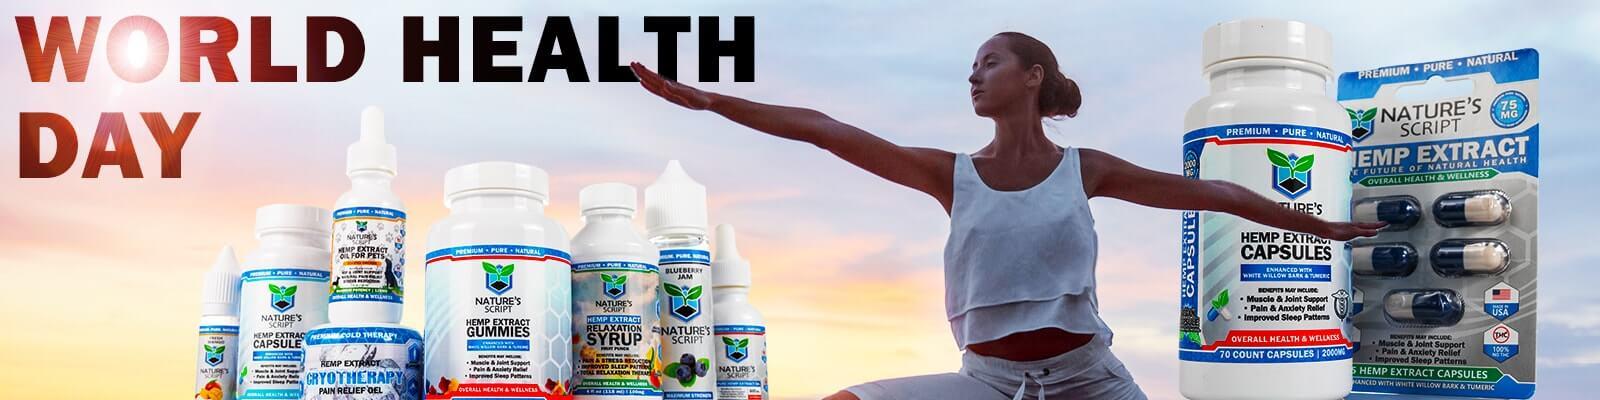 world health day banner